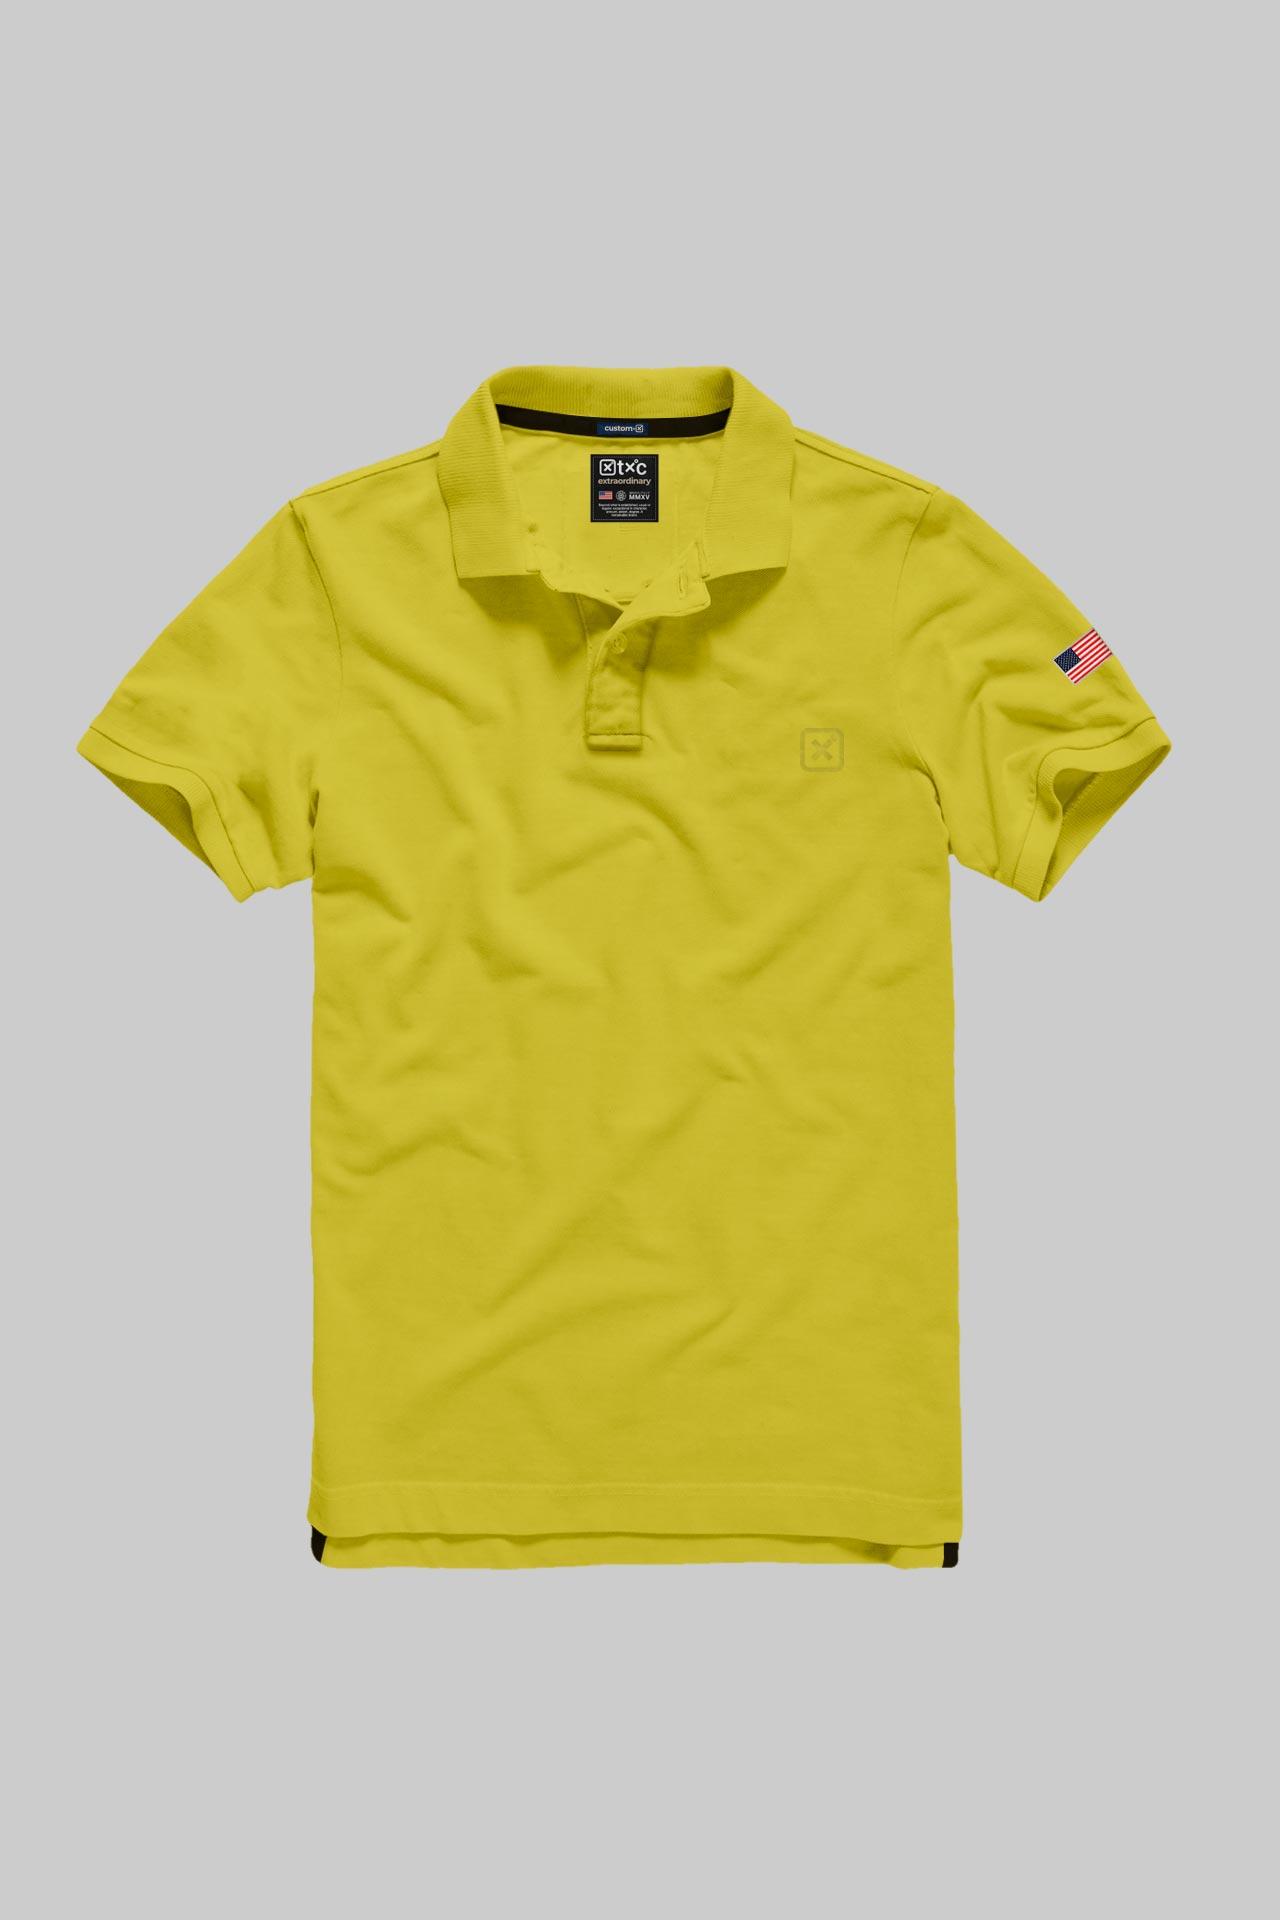 Polo TXC Brand 6352